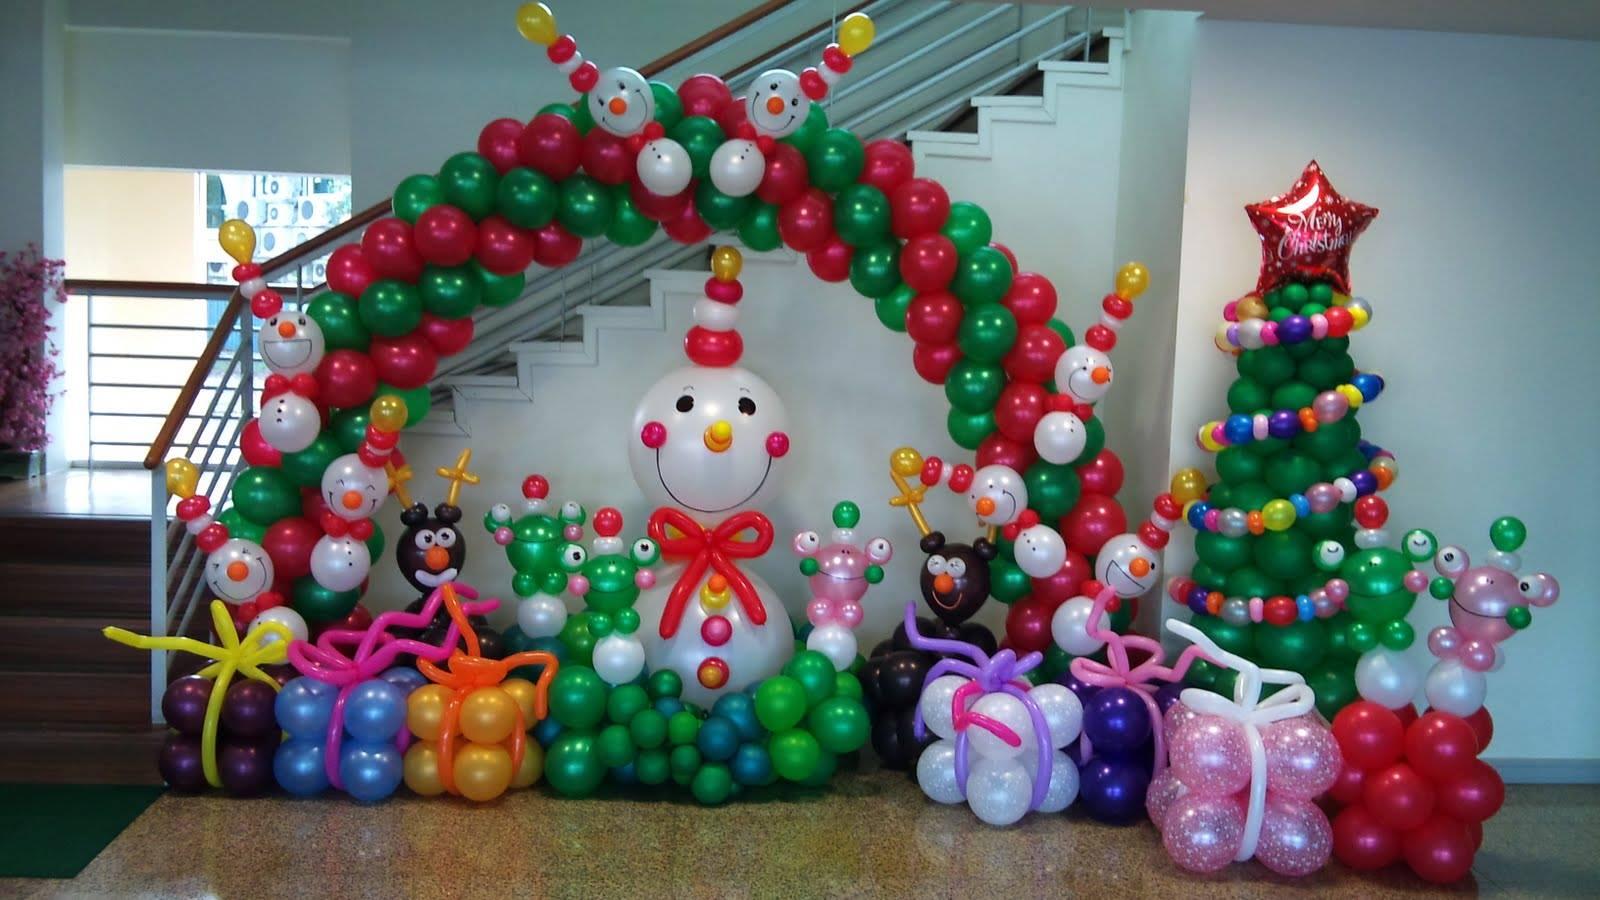 Navidad globos decoracion 9 imagenes educativas - Decoracion navidad para ninos ...